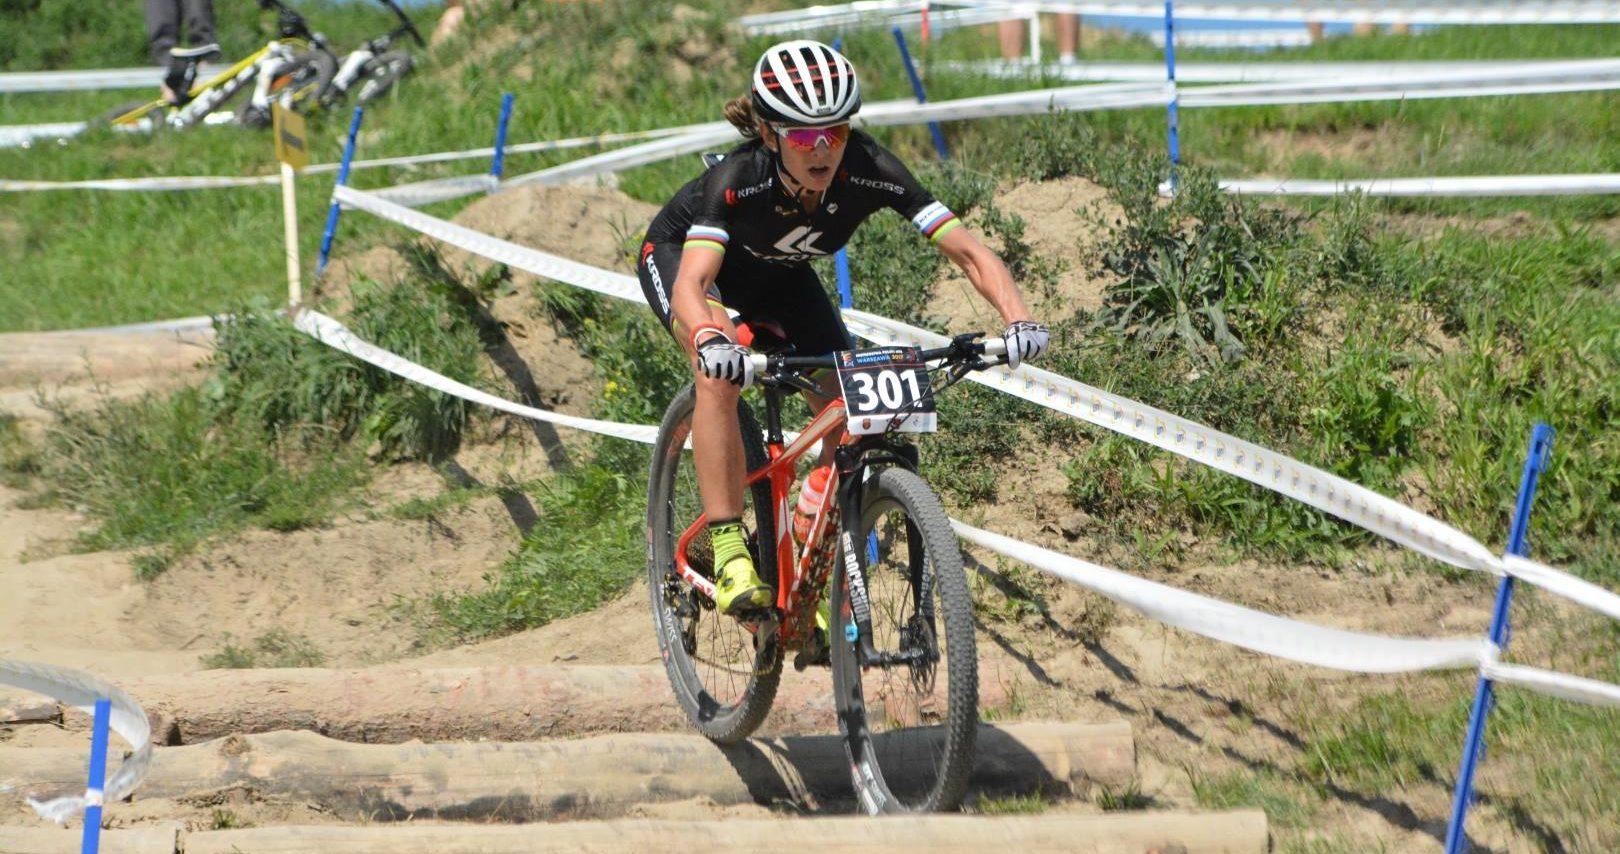 Mistrzostwa Polski w kolarstwie górskim 2017 – Warszawa [podsumowanie]